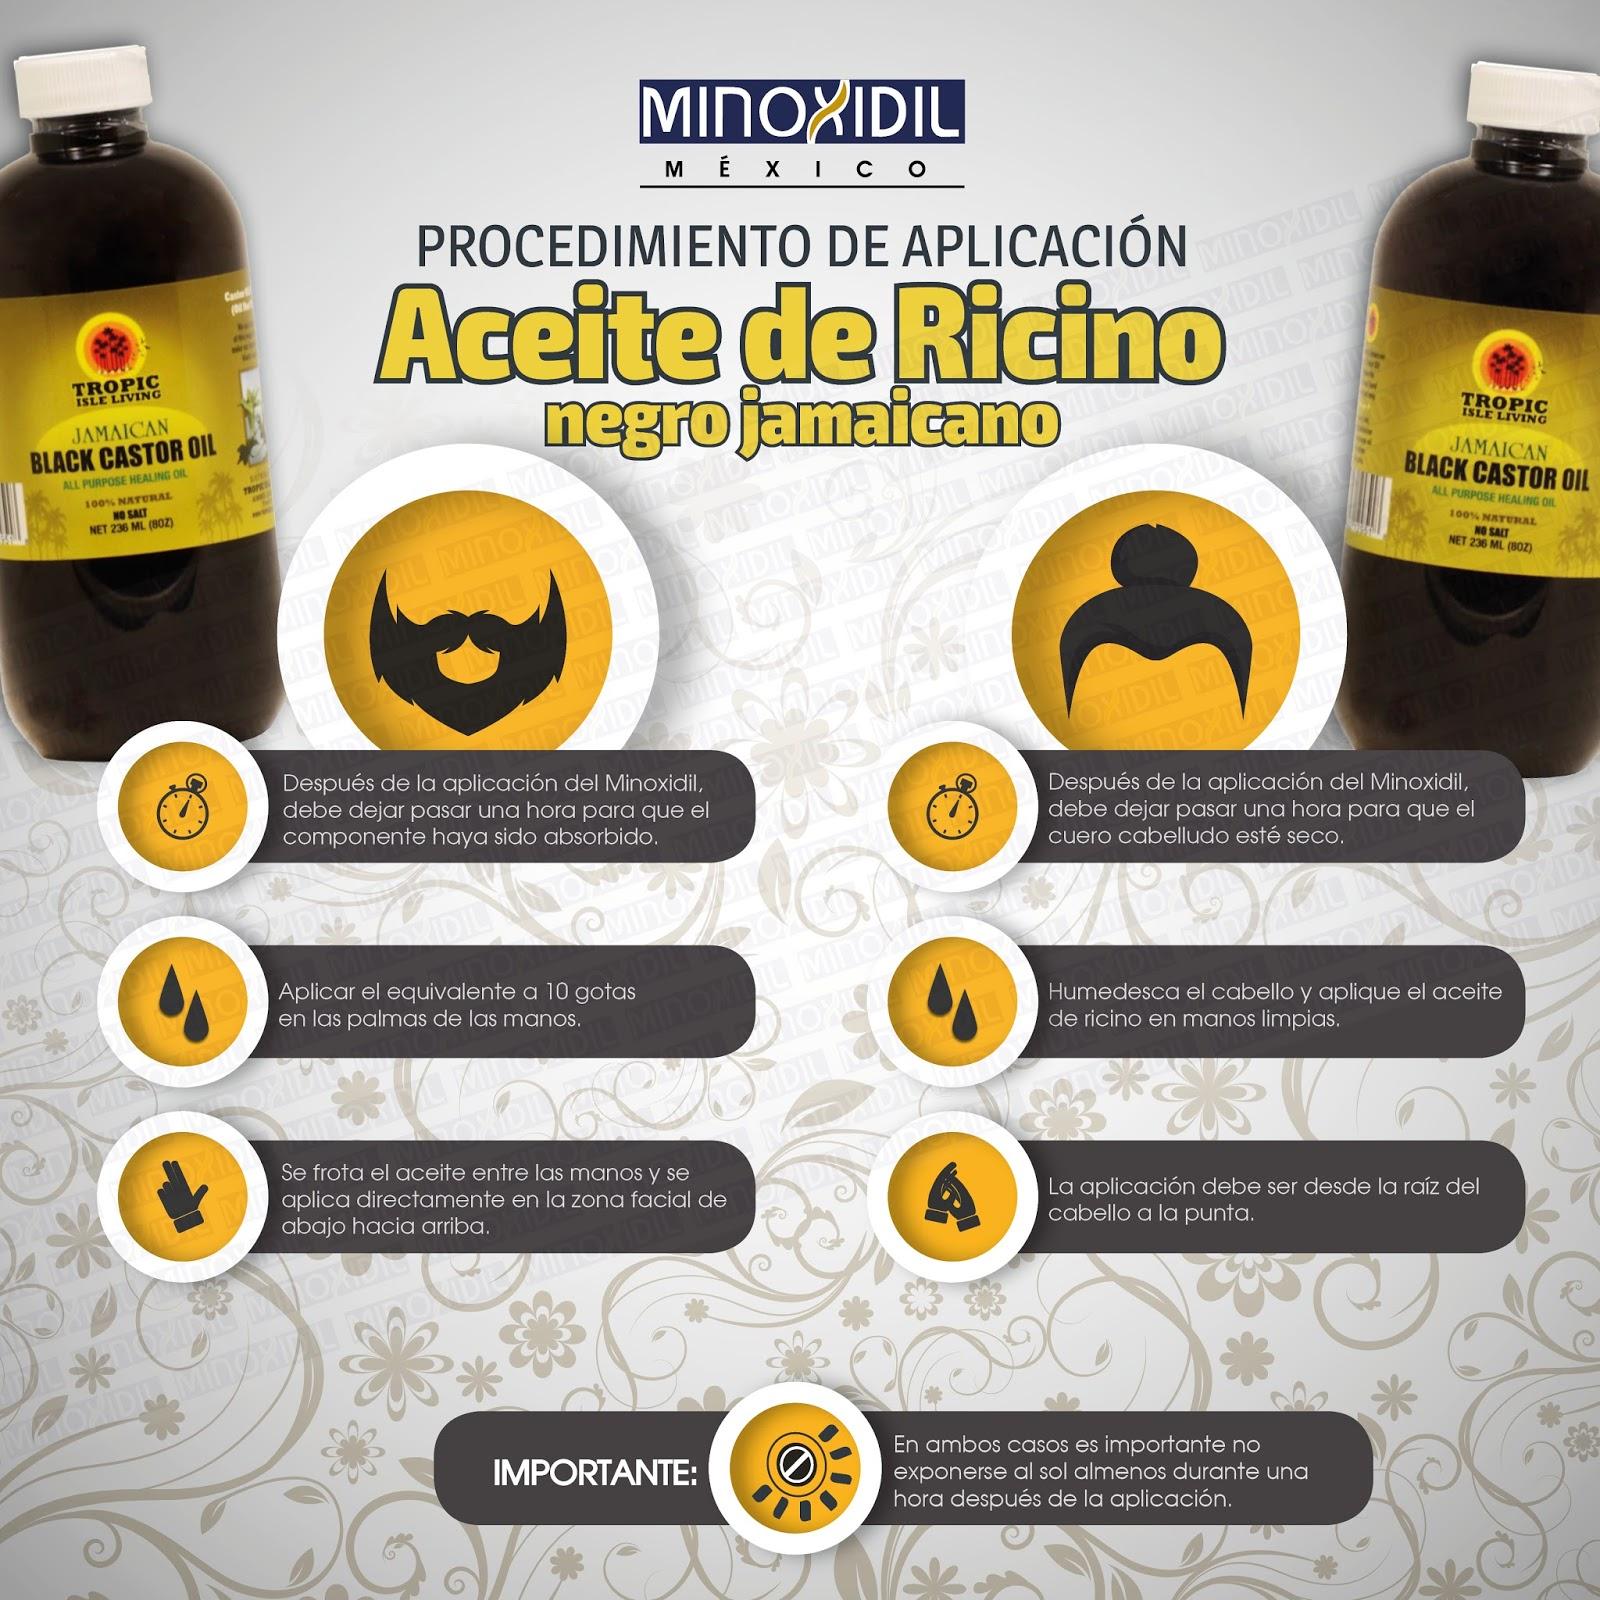 Como se aplica el aceite de ricino negro Jamaicano para Cabello y ...